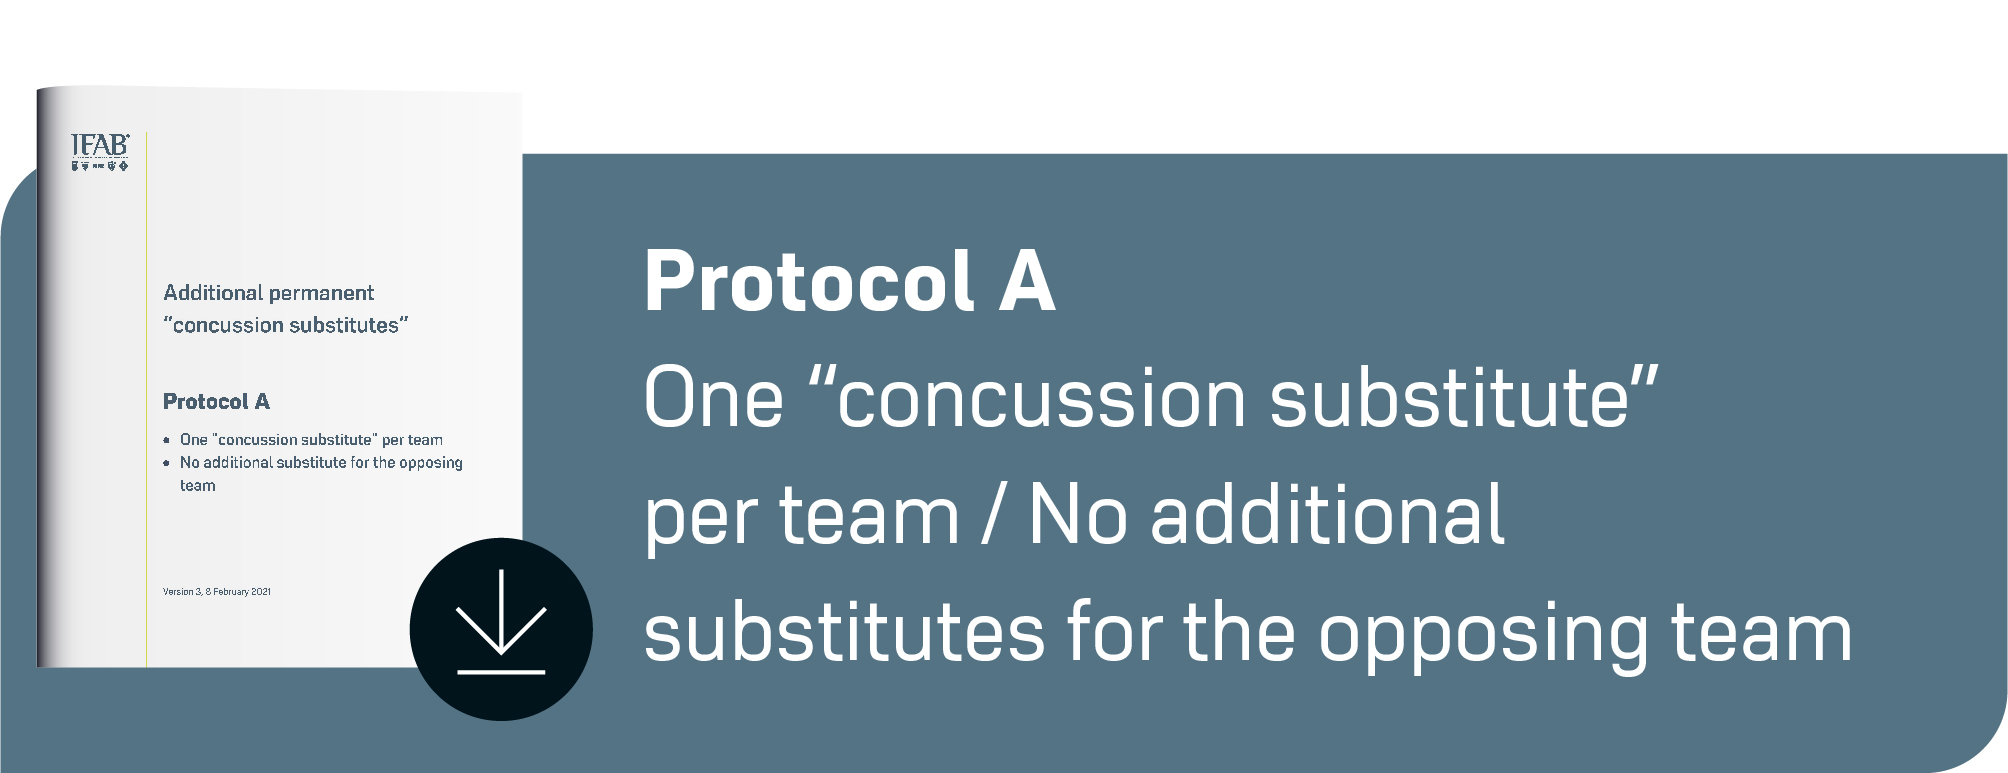 Protocol A